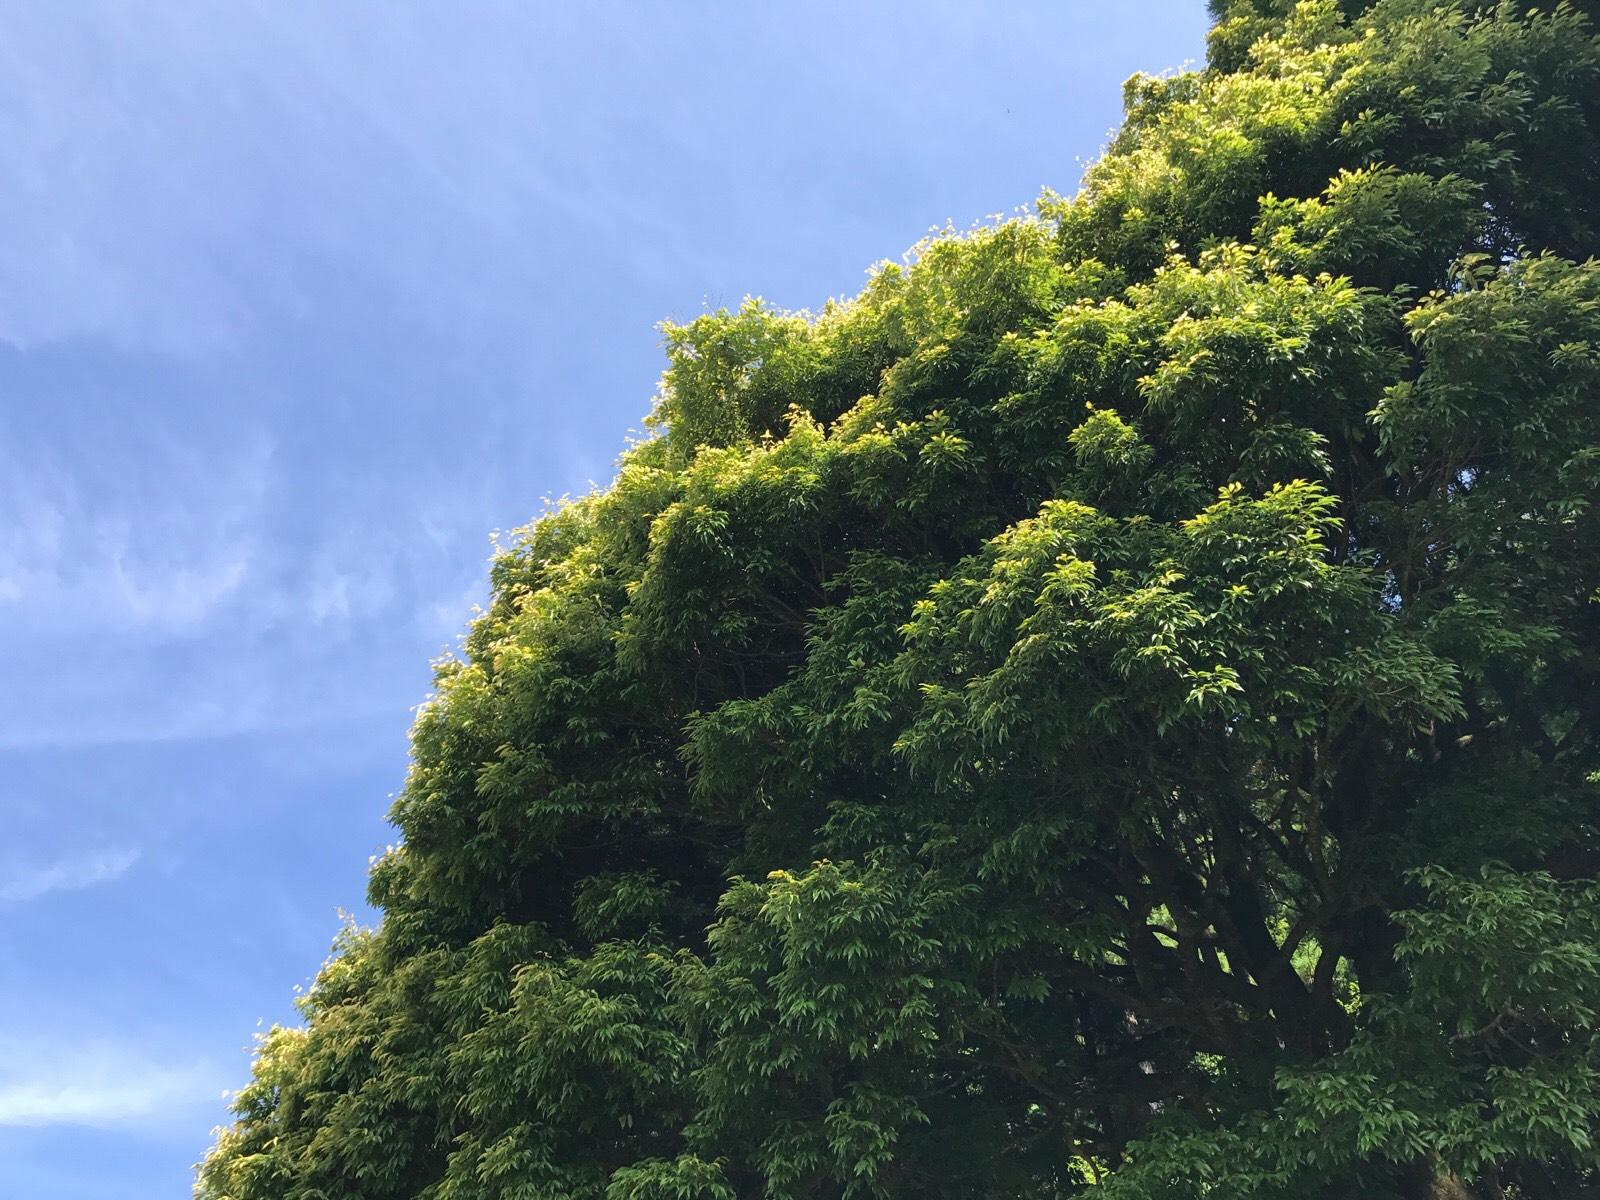 四季を通じて葉の色が移り変わる七色樫:変化し続けることとひとつ足りないこと